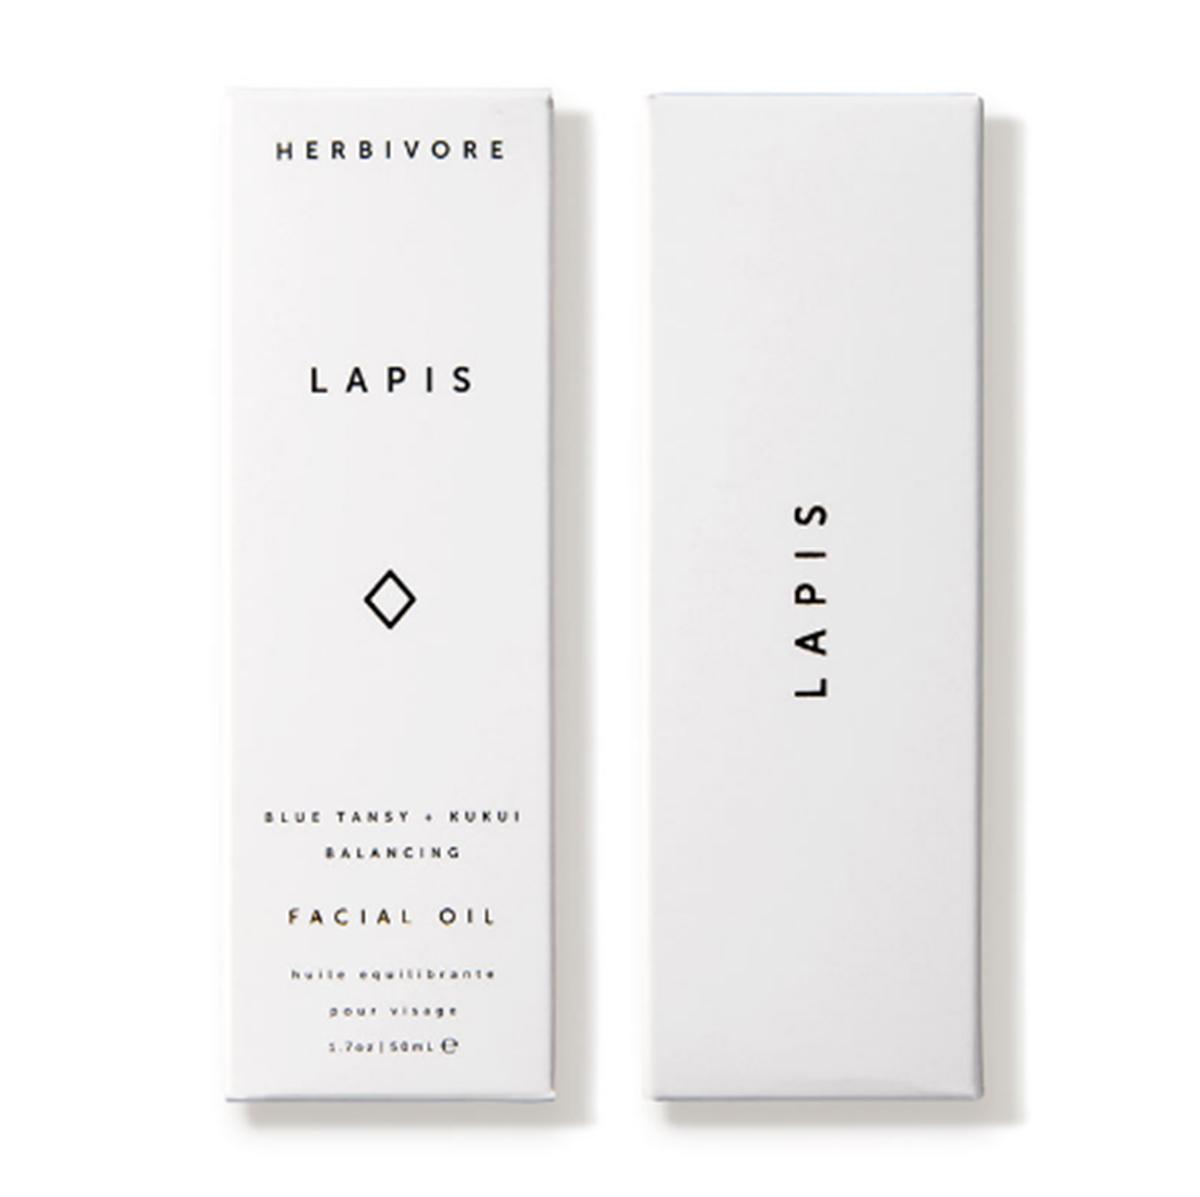 lapis-bottle